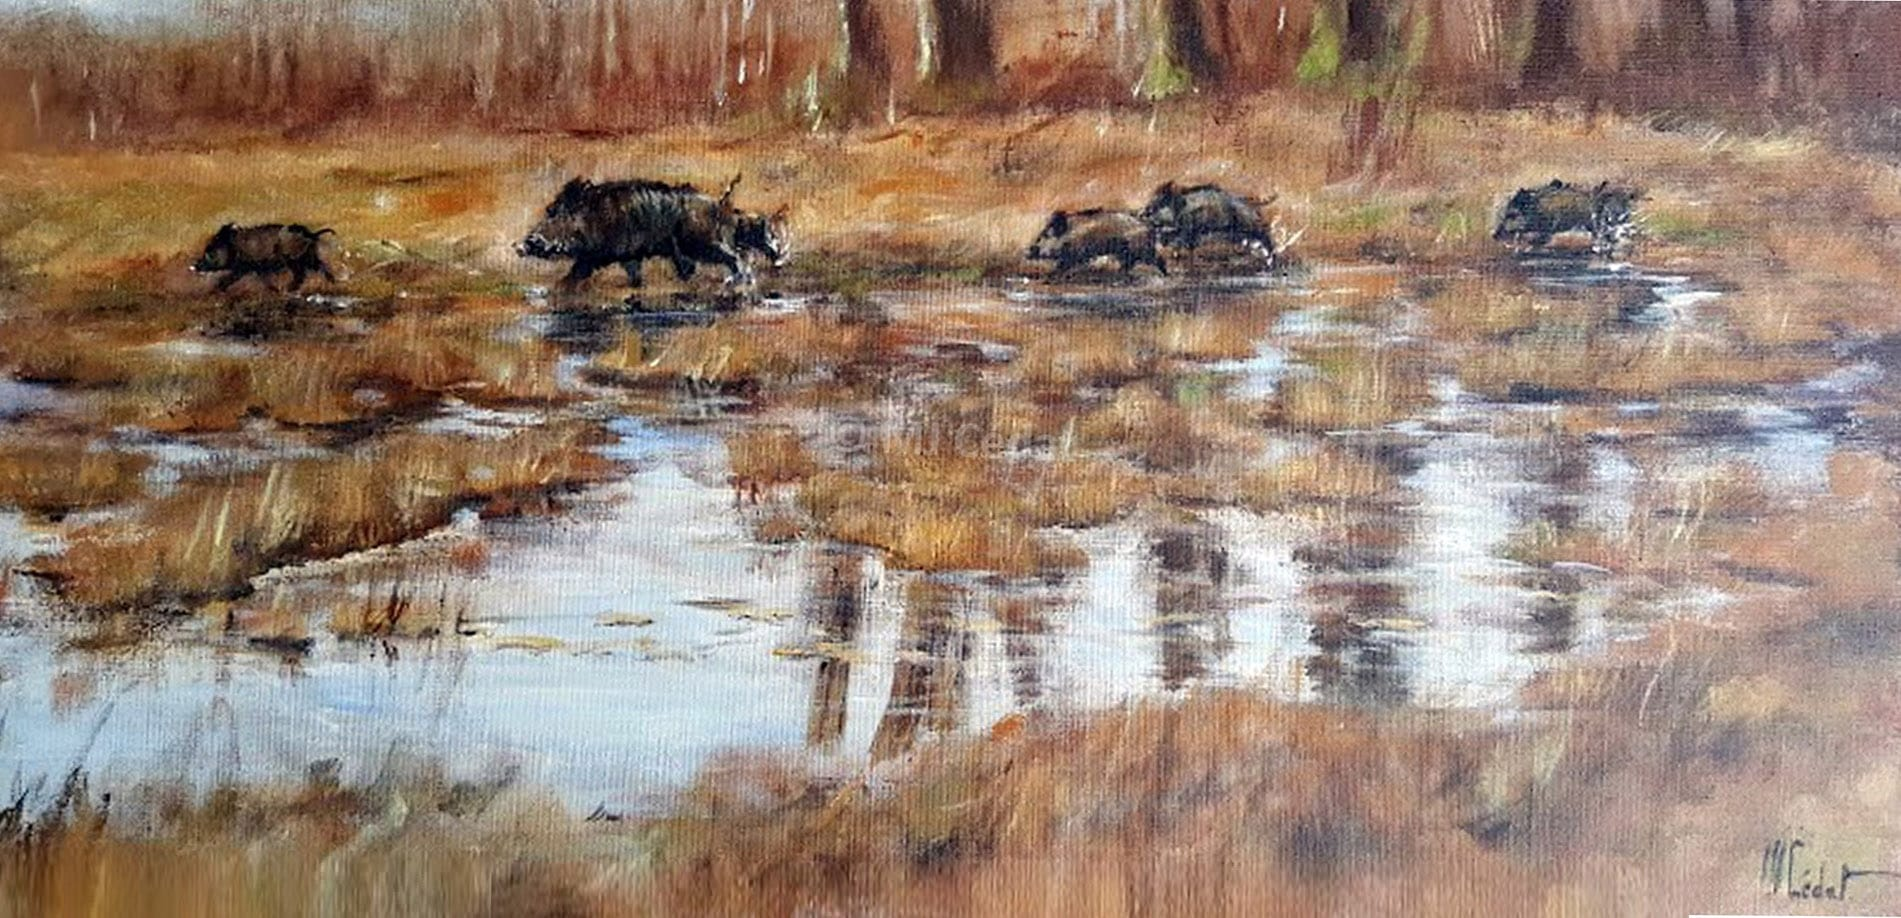 sangliers-Marie-Joëlle Cédat-artiste animalier peinture animaliere-art-animalier- peintre-animalier